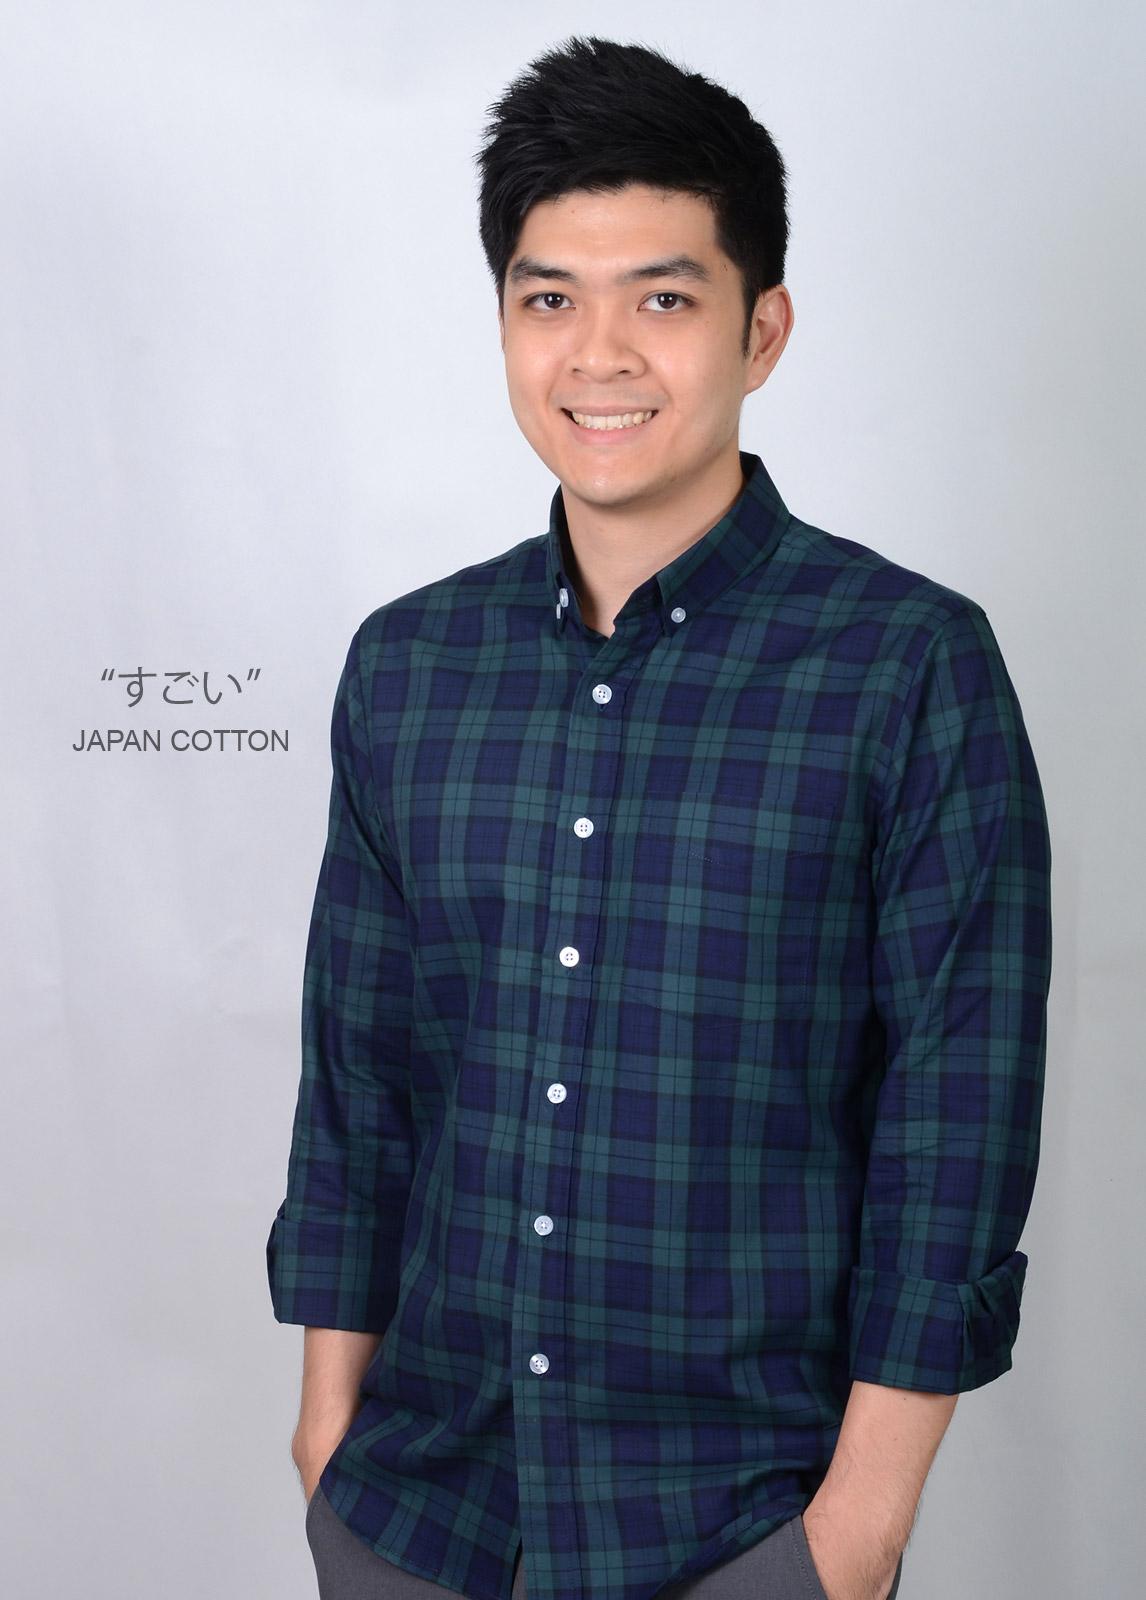 เสื้อเชิ้ตลายสก๊อตสีเขียว ผ้านำเข้าจากญี่ปุ่น